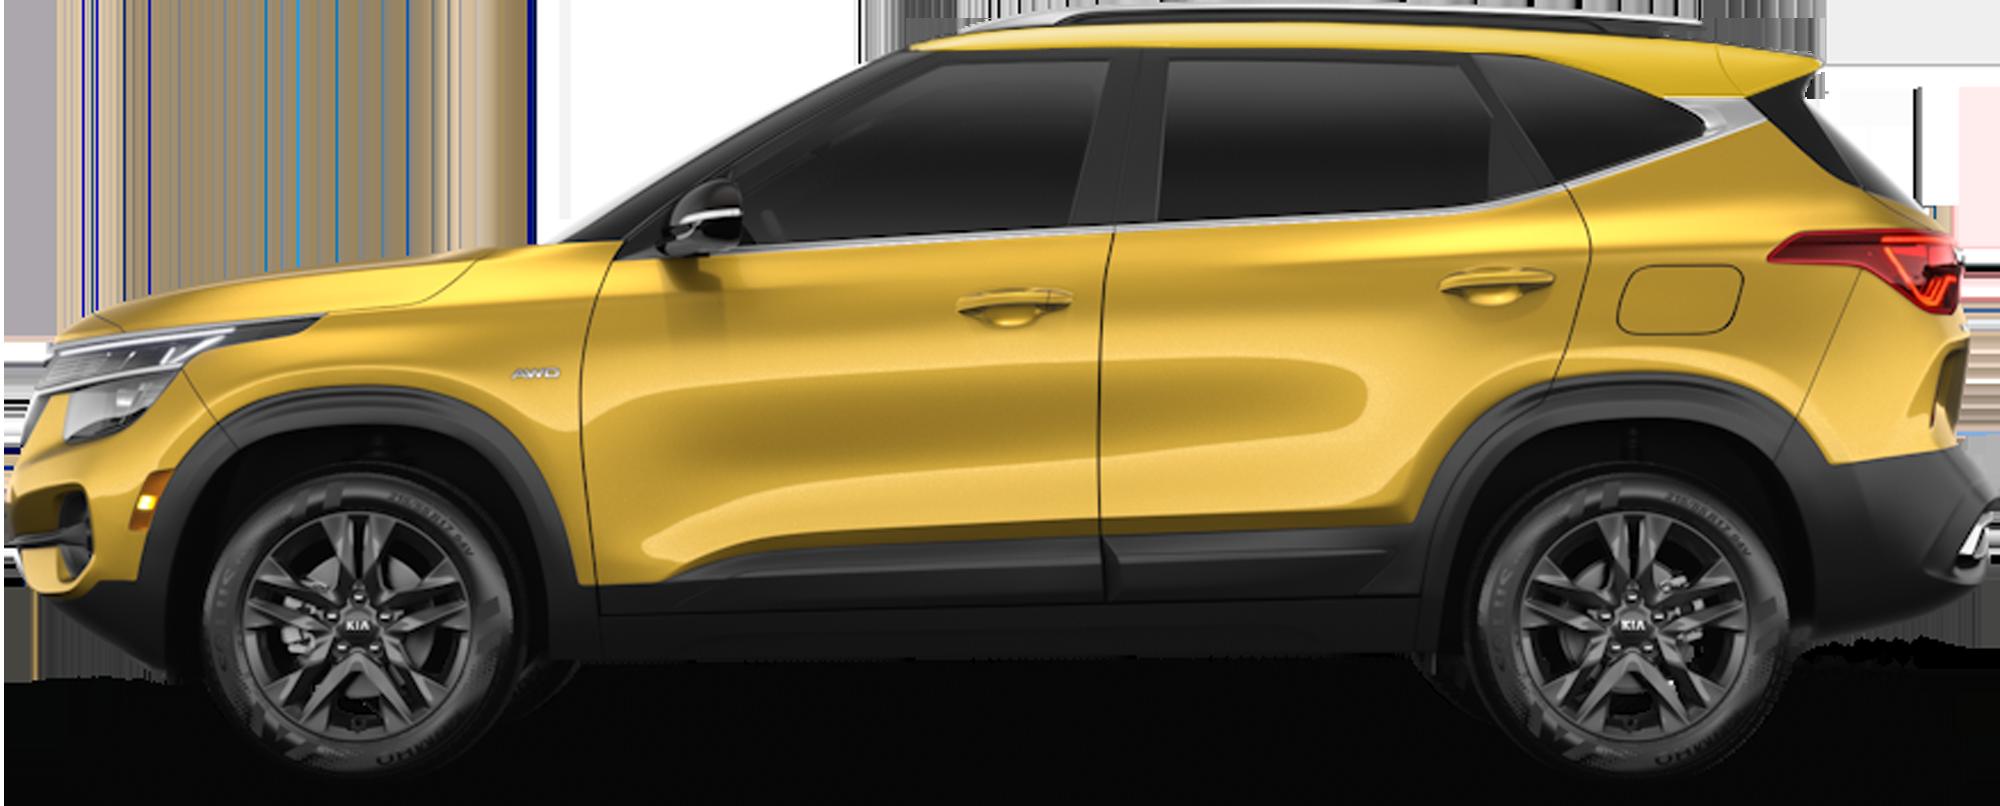 2021 Kia Seltos SUV S